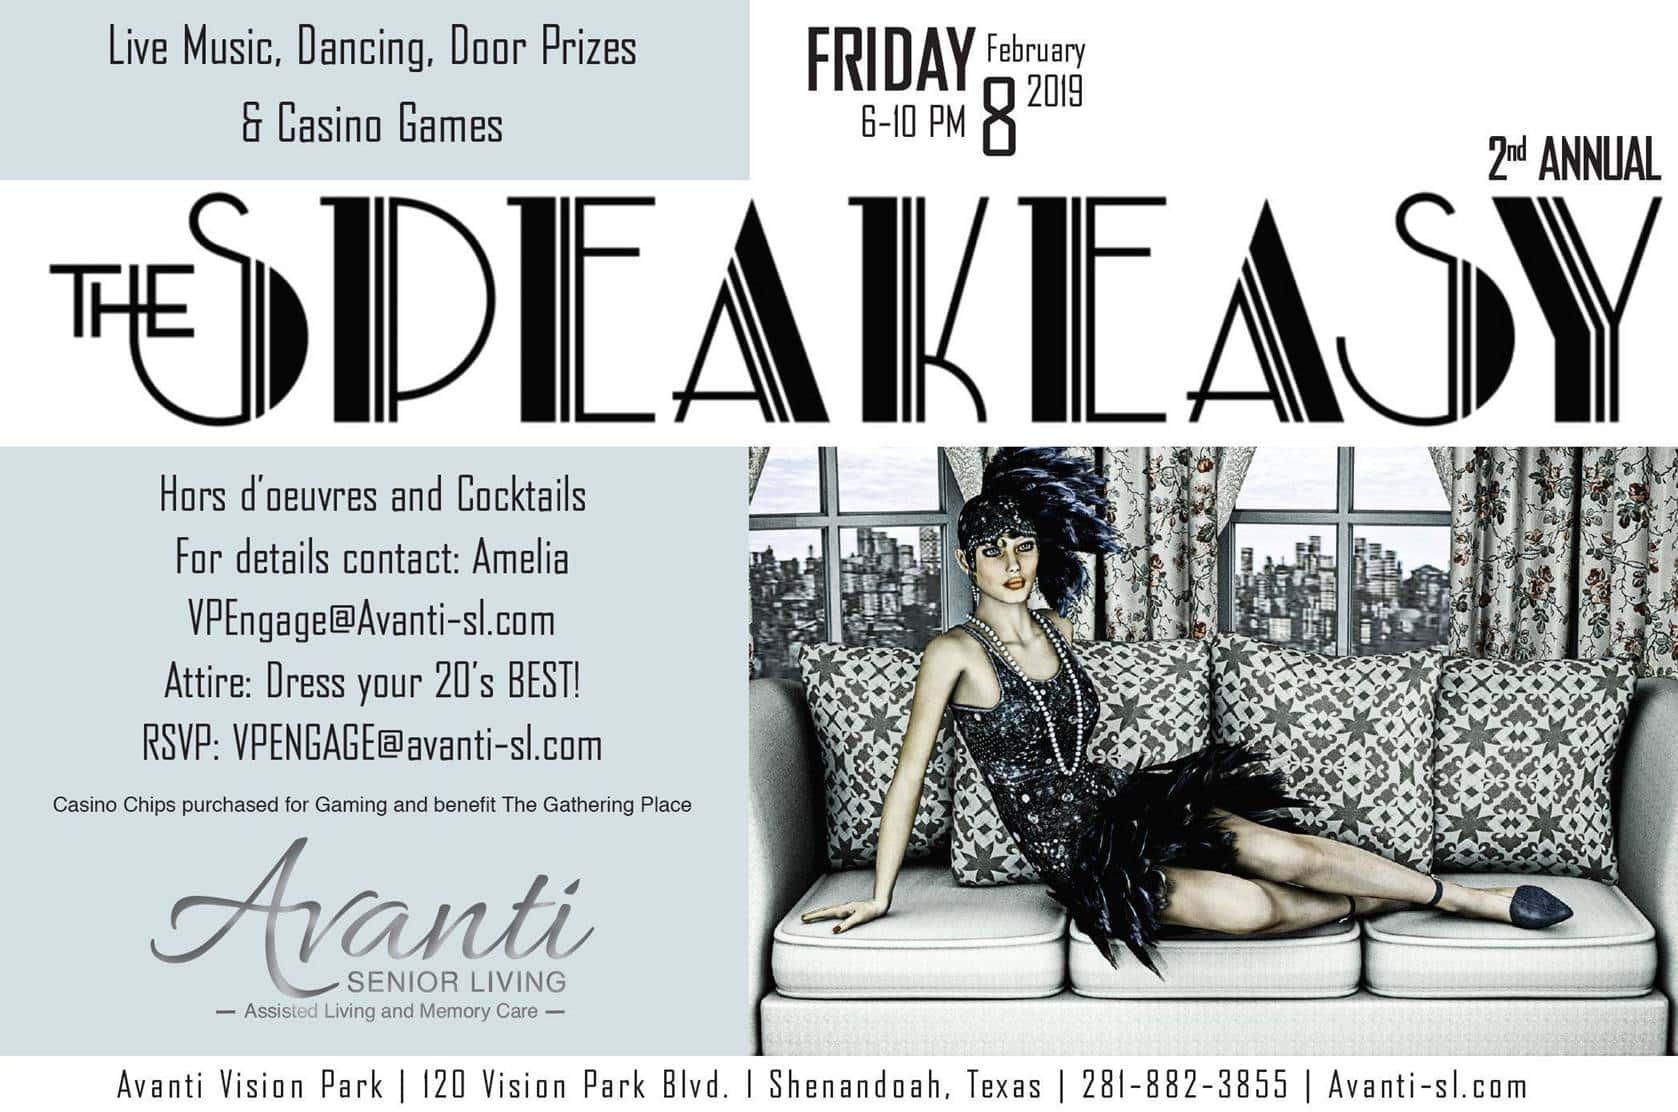 Avanti Senior Living - The Speakeasy